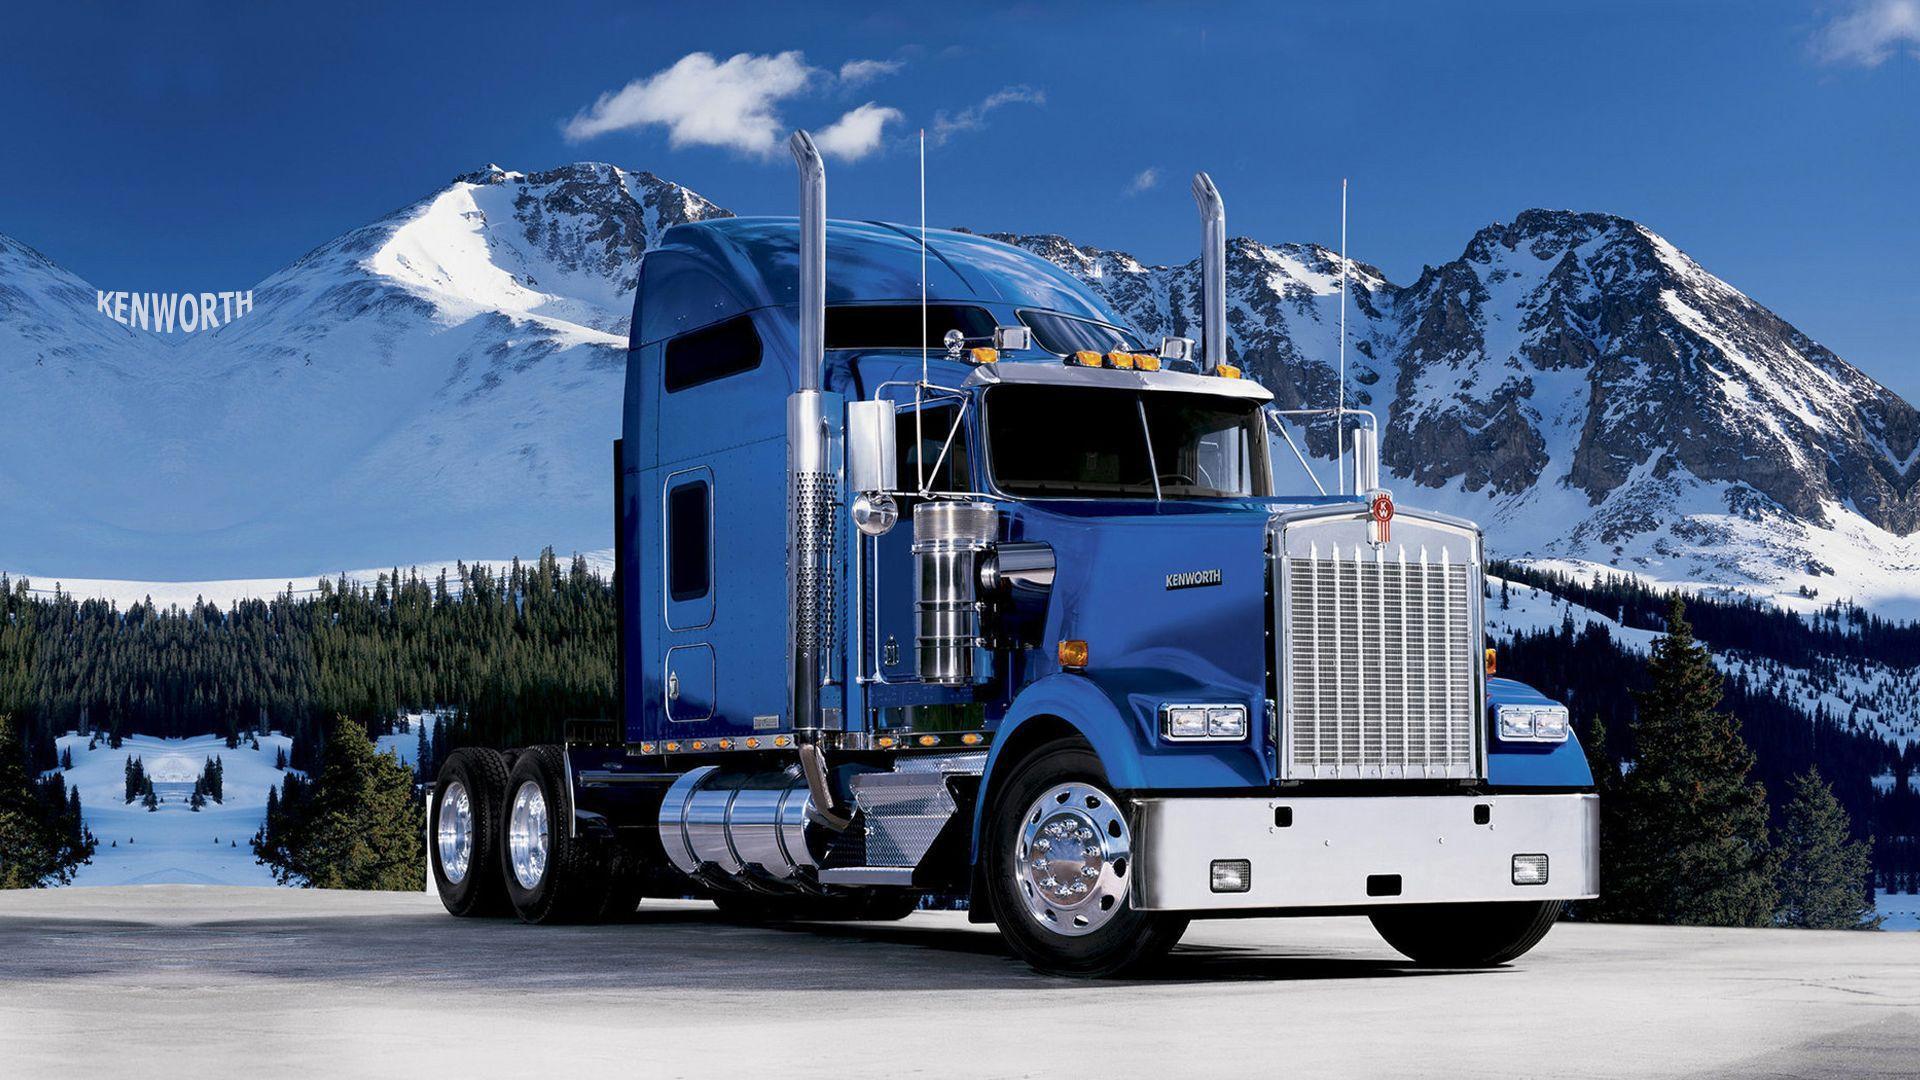 American Trucks Wallpapers - Wallpaper Cave